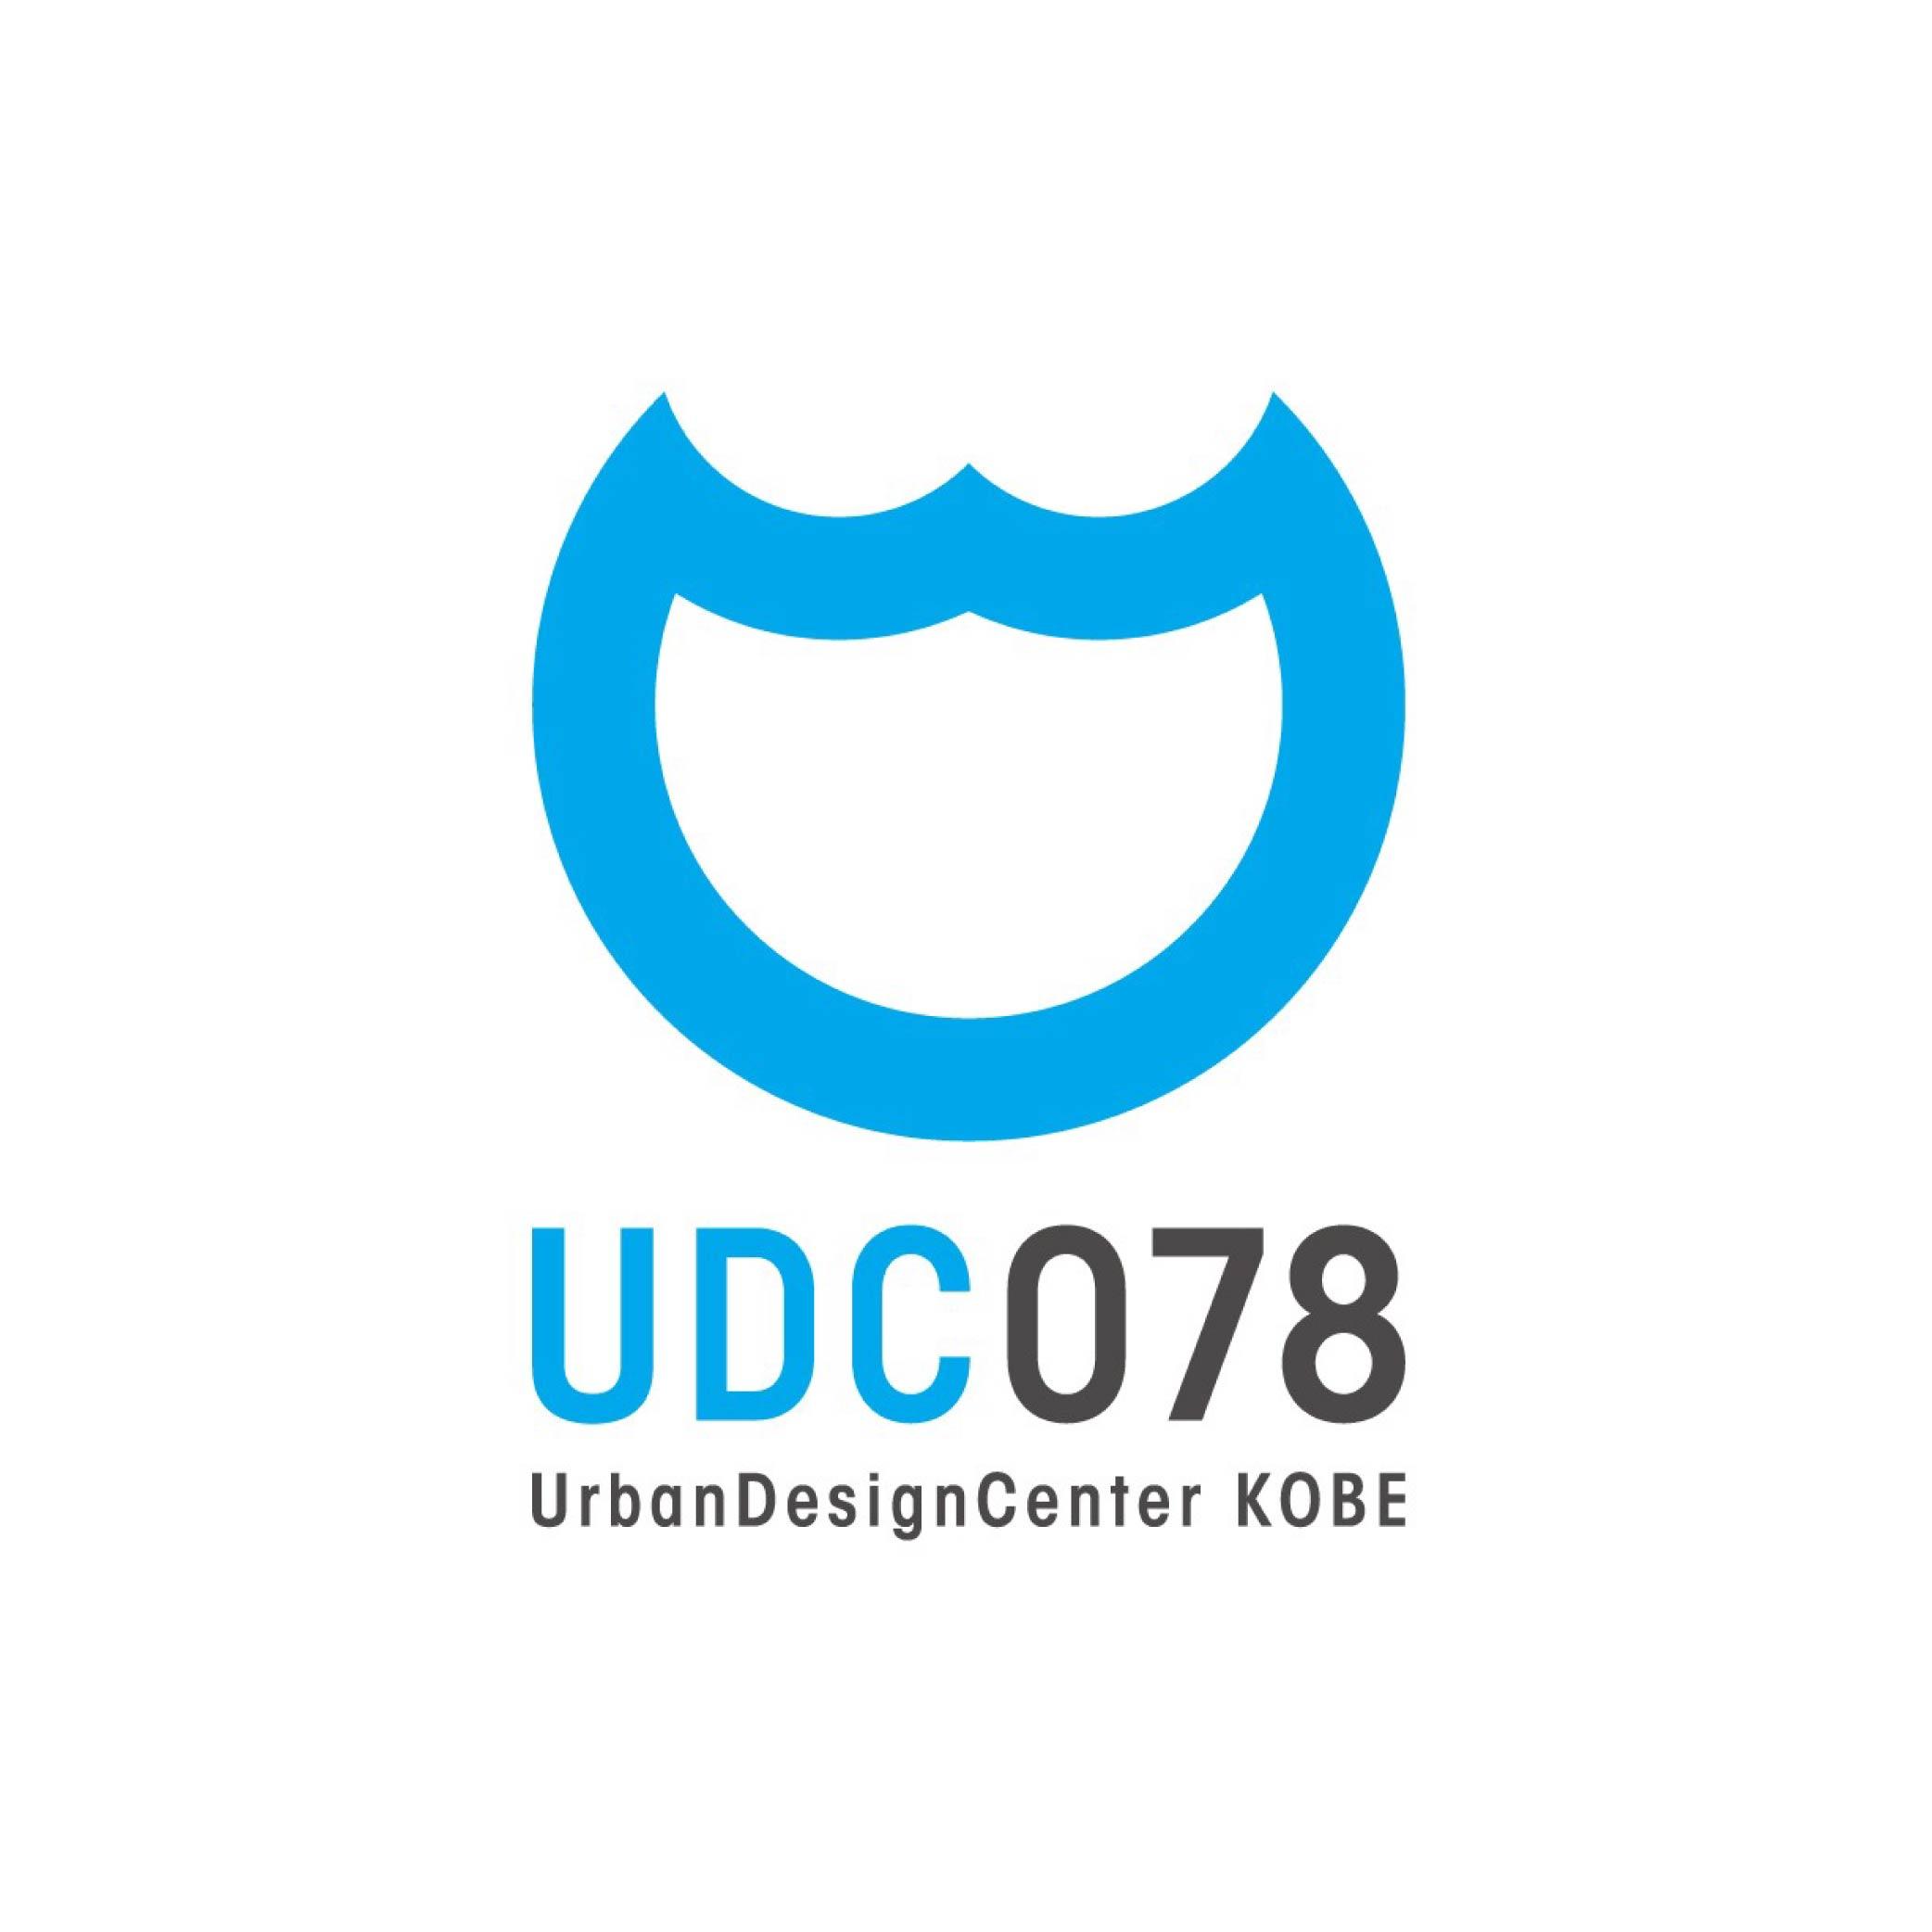 UDC078